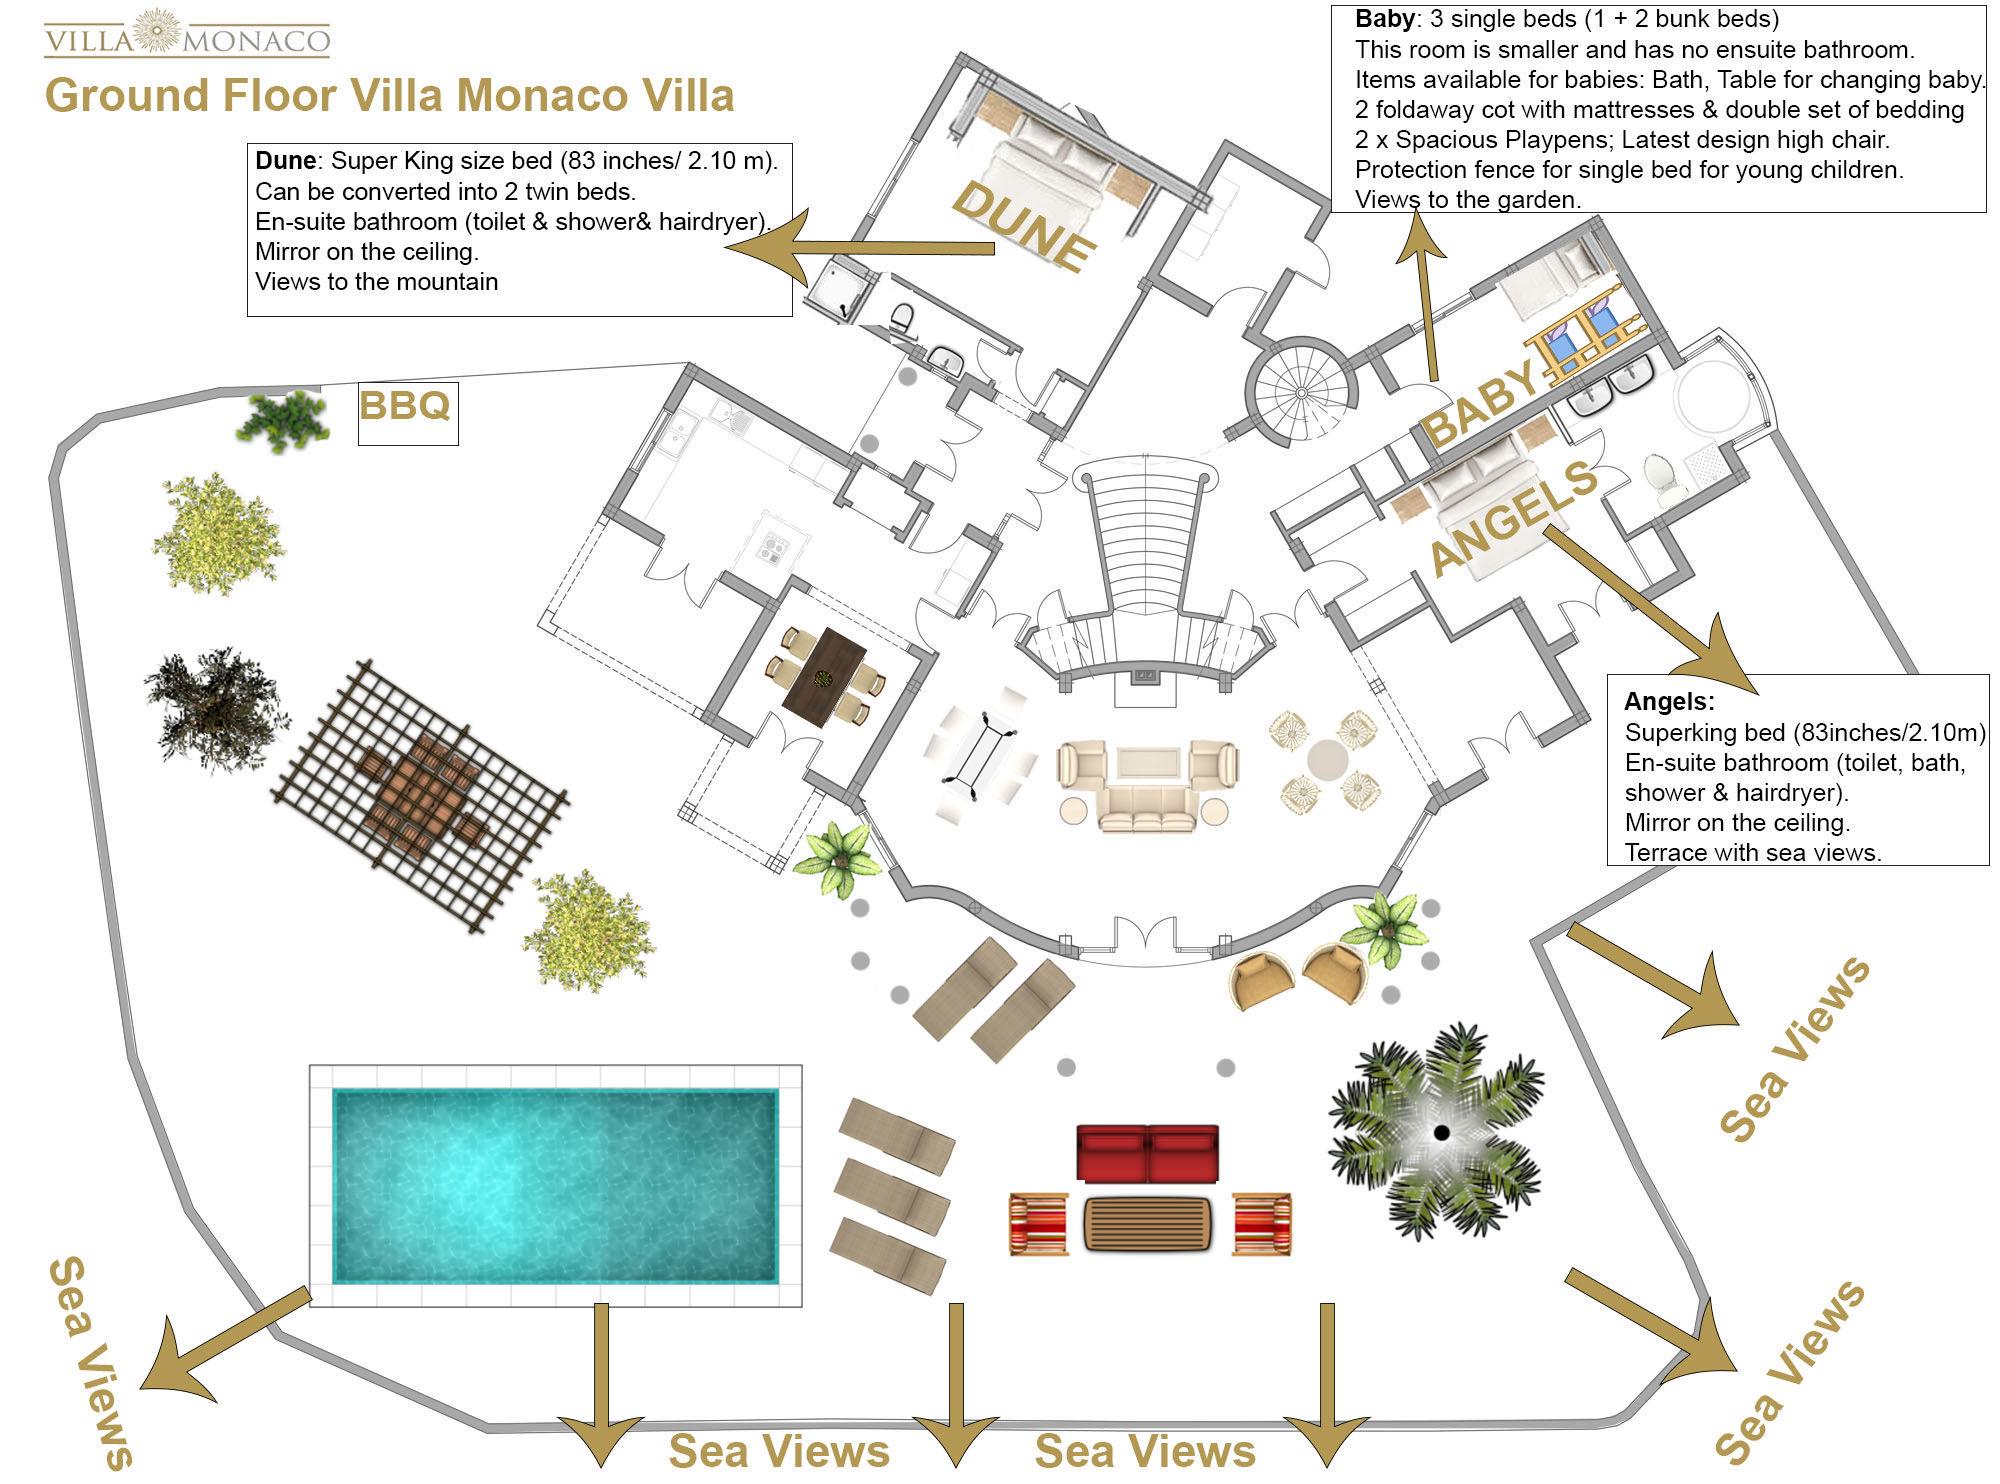 Villa monaco adeje tenerife luxury holiday rentals sea views private pool floor plans for Indian villa designs floor plan layout